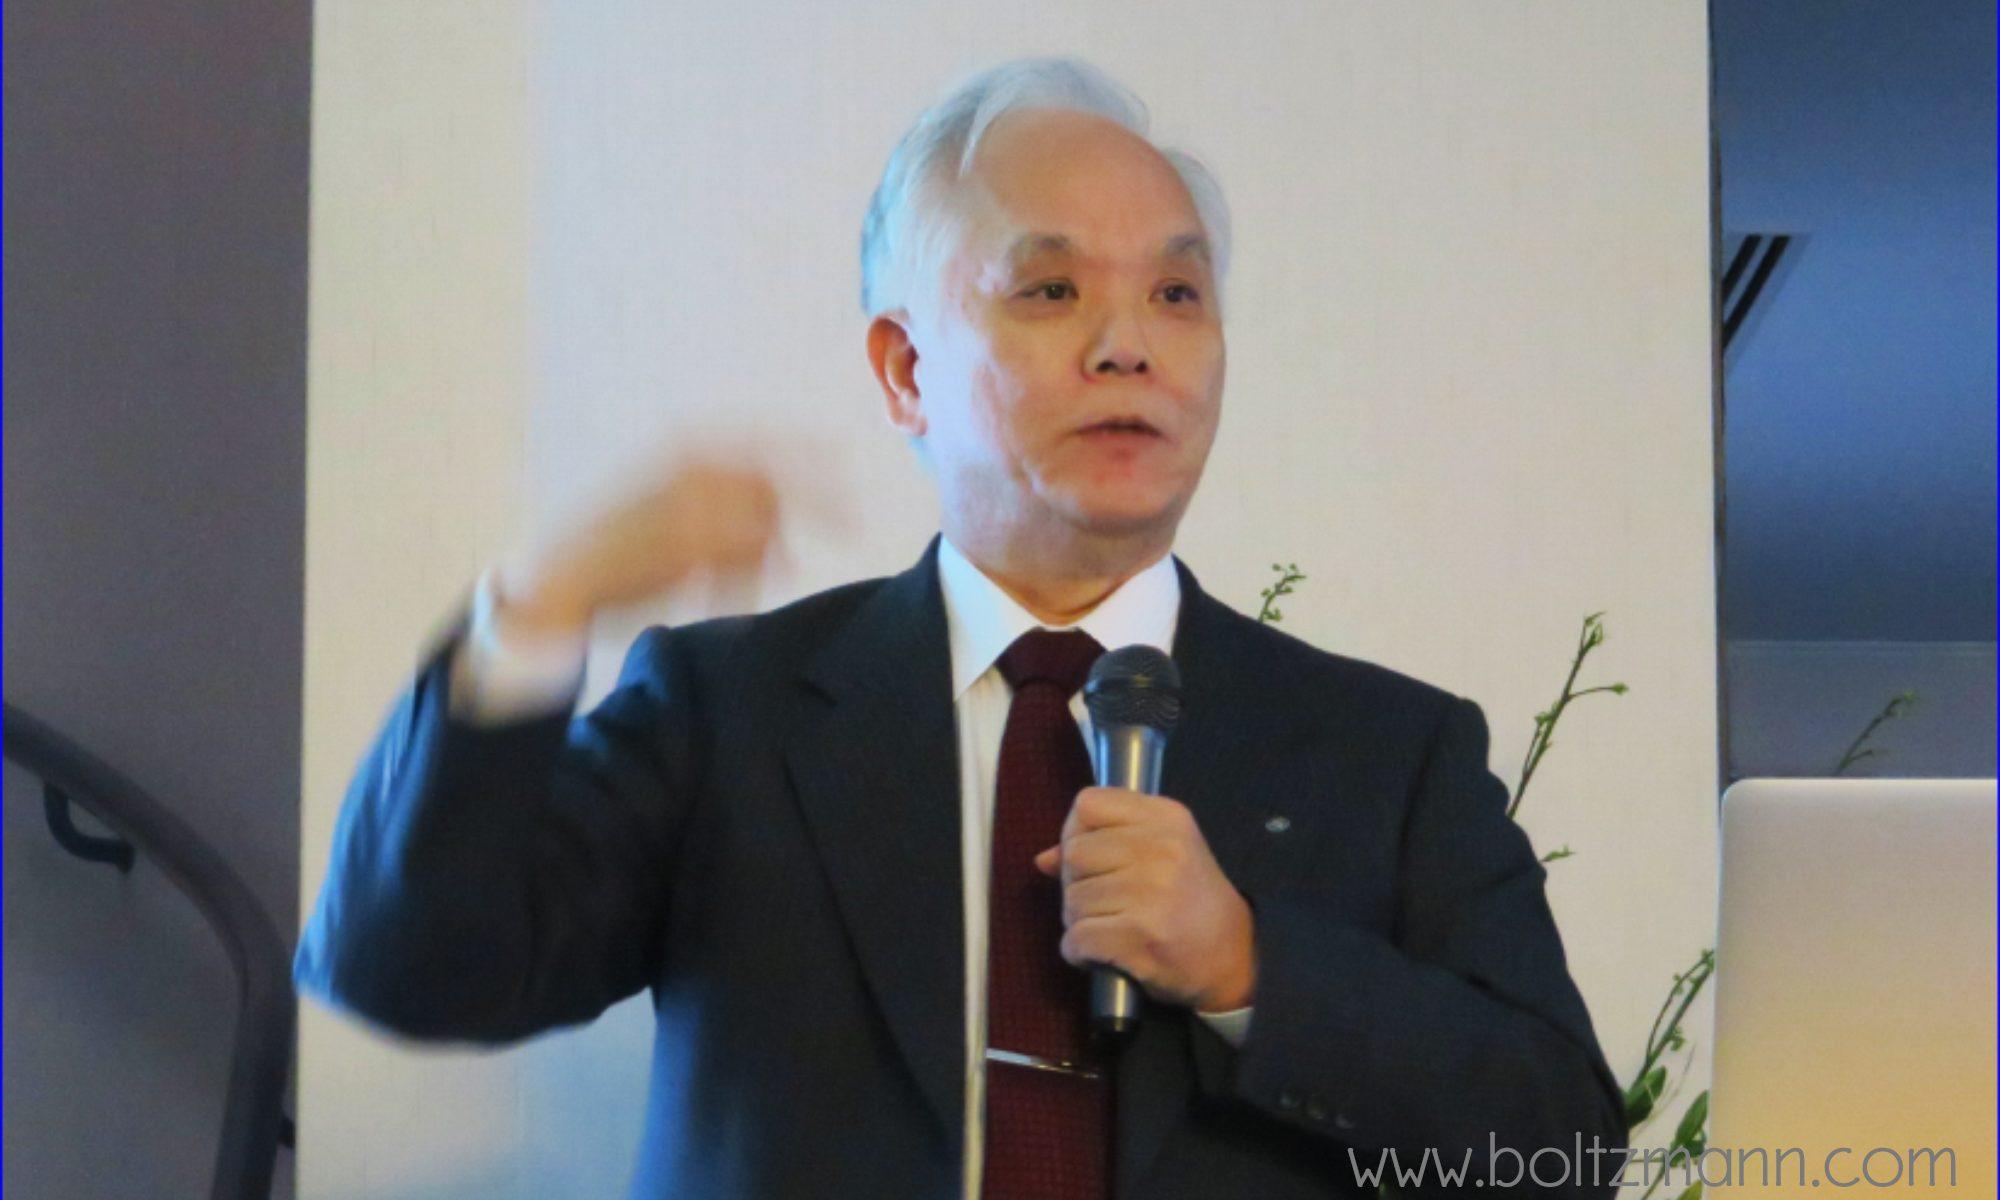 Michinari Hamaguchi boltzmann.com